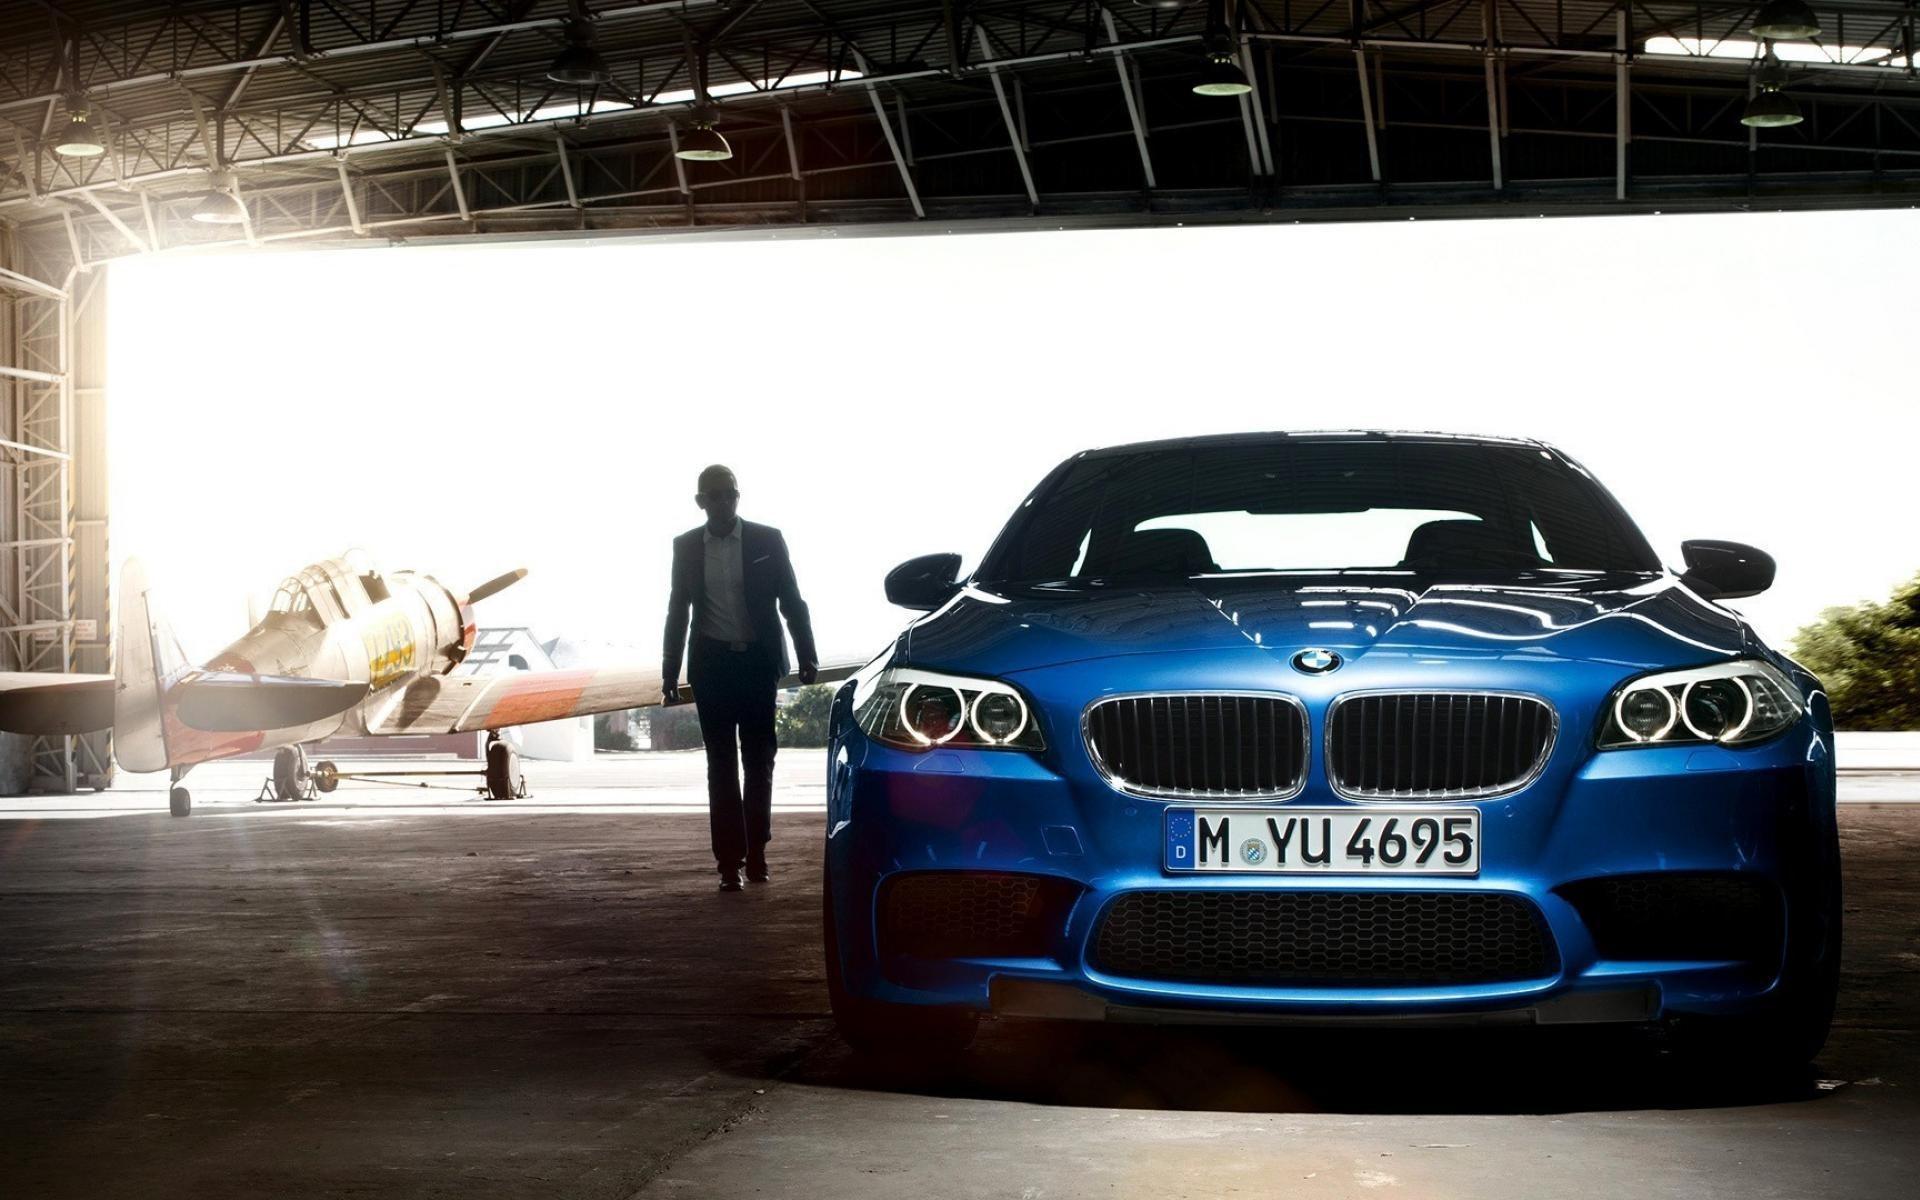 4K BMW Free Wallpaper